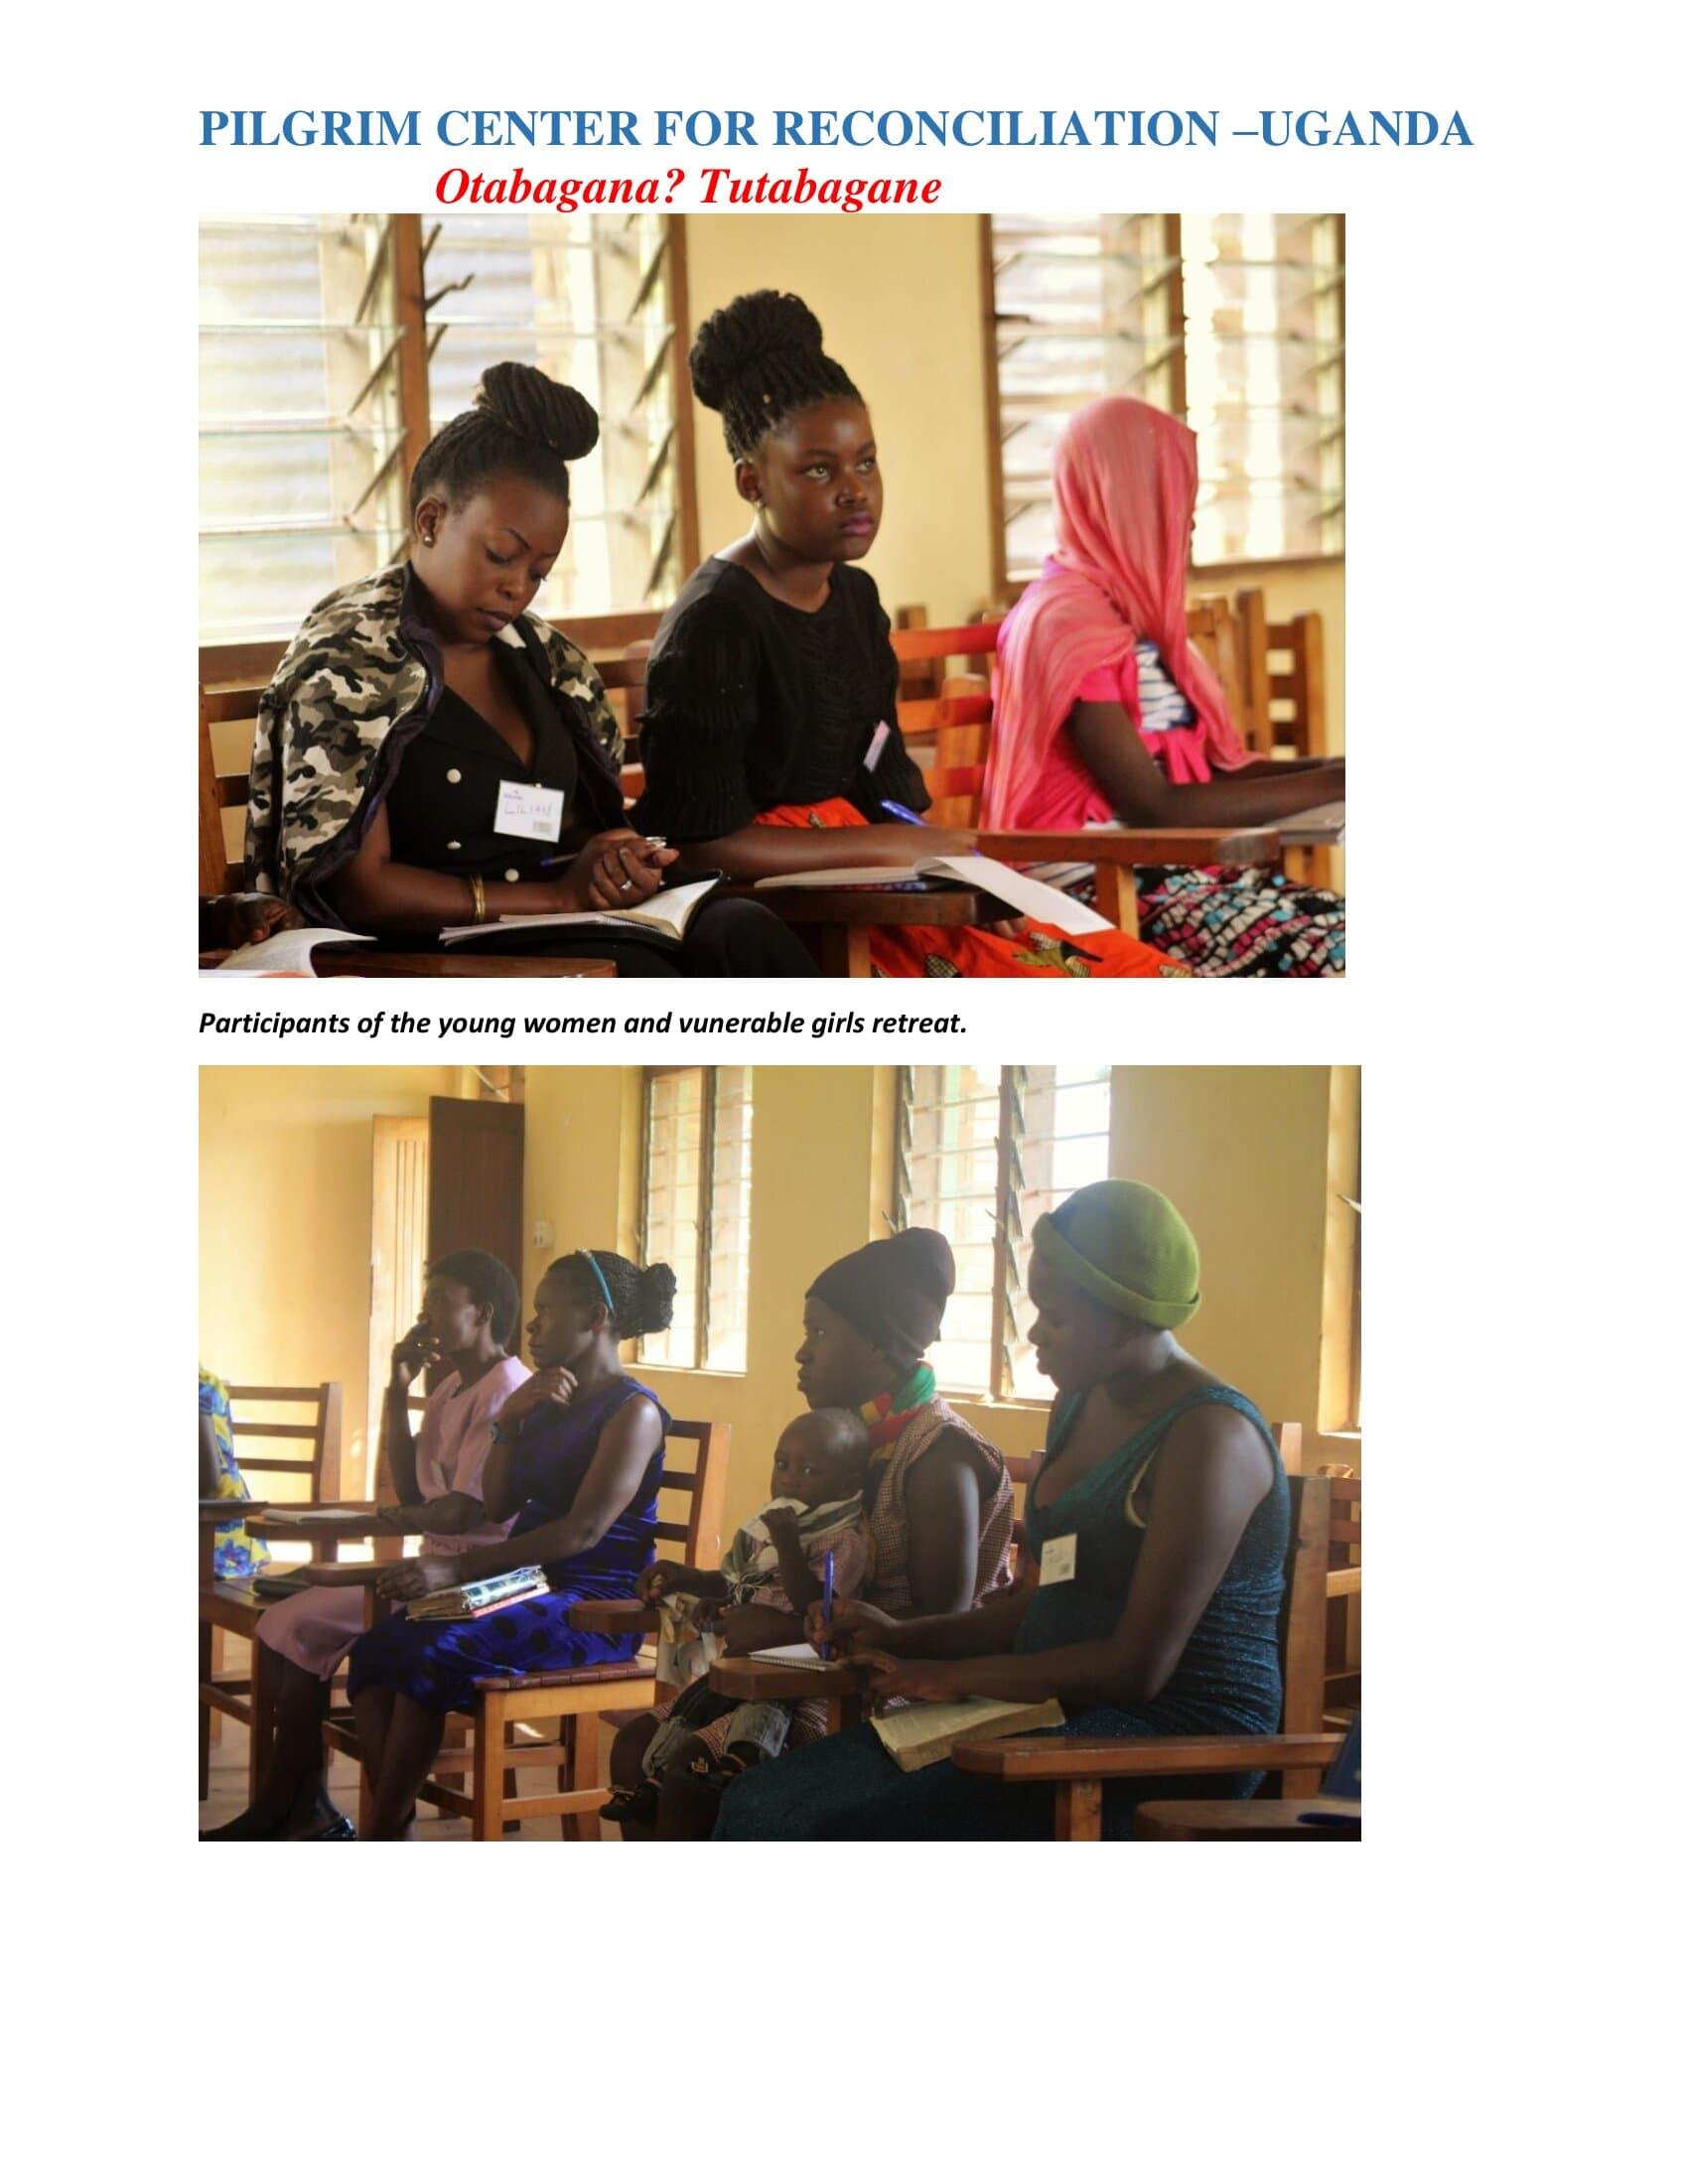 Pirigrim center for reconcilation -Uganda _0011-min